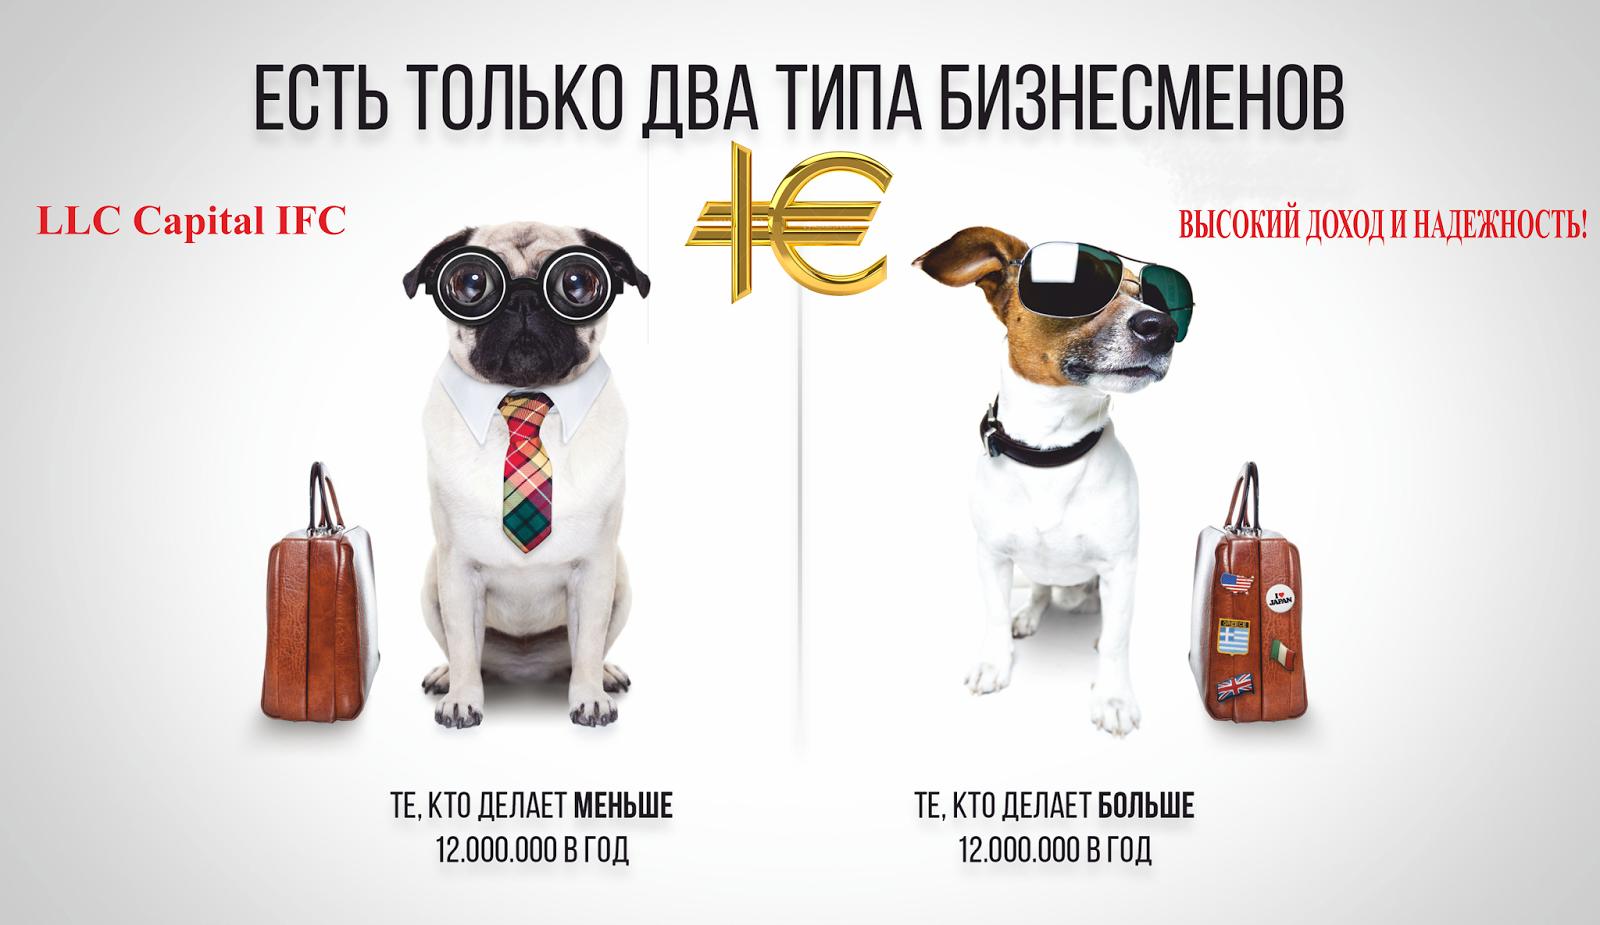 Смешные картинки про бизнес